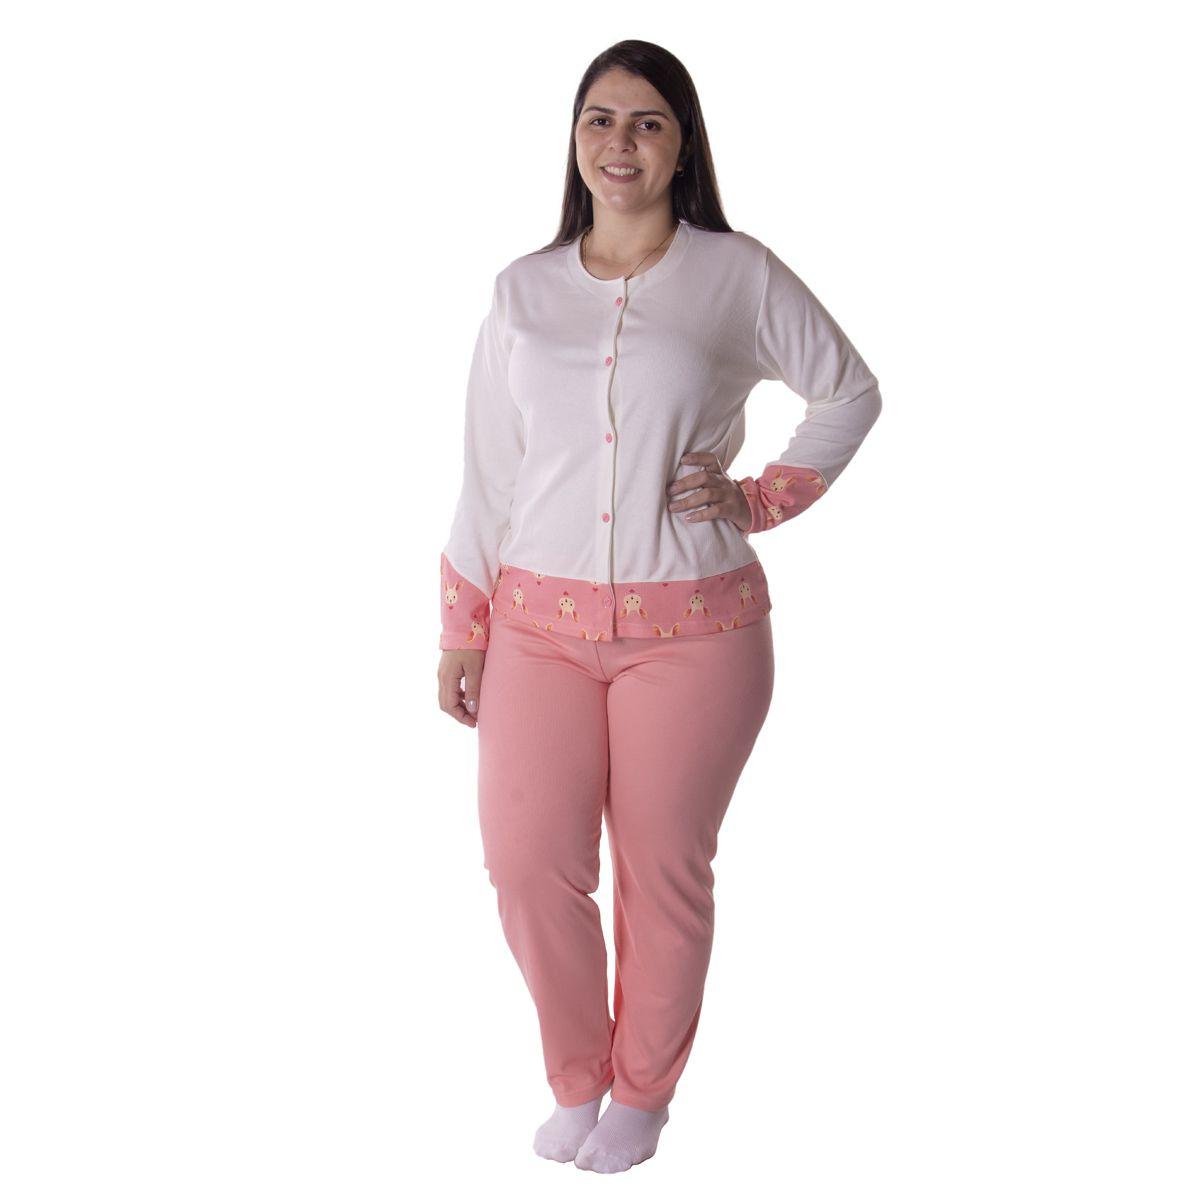 Pijama de inverno feminino CASAQUINHO Victory